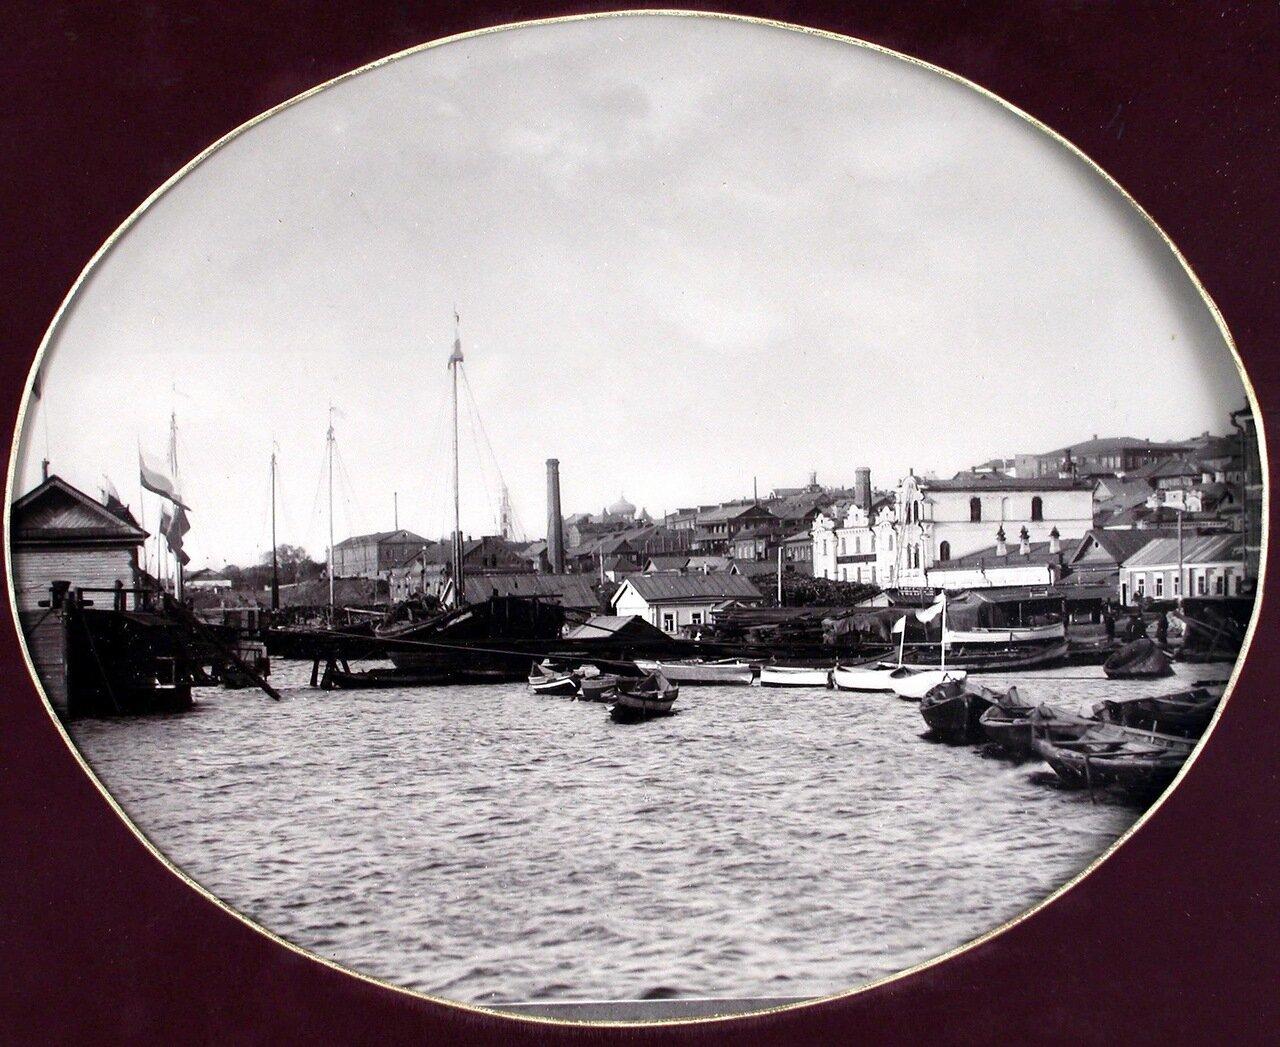 02. Вид юго-западной части города со стороны Волги